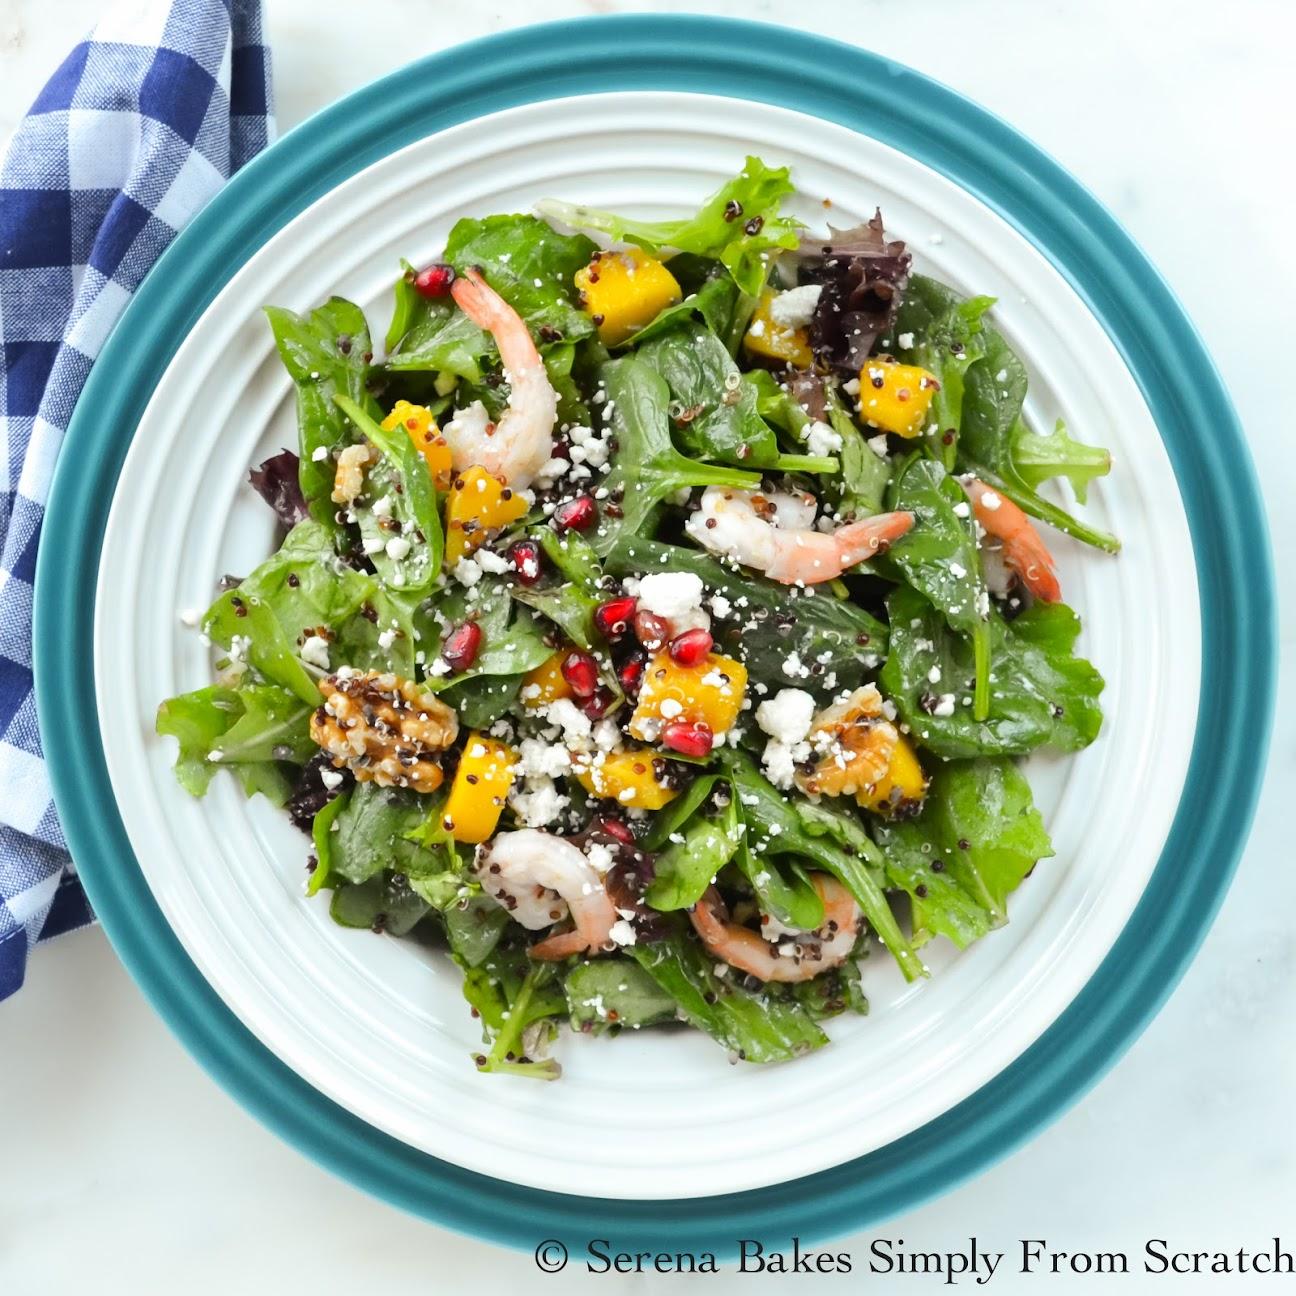 Quinoa Shrimp Pomegranate Spinach Salad with White Balsamic Vinaigrette